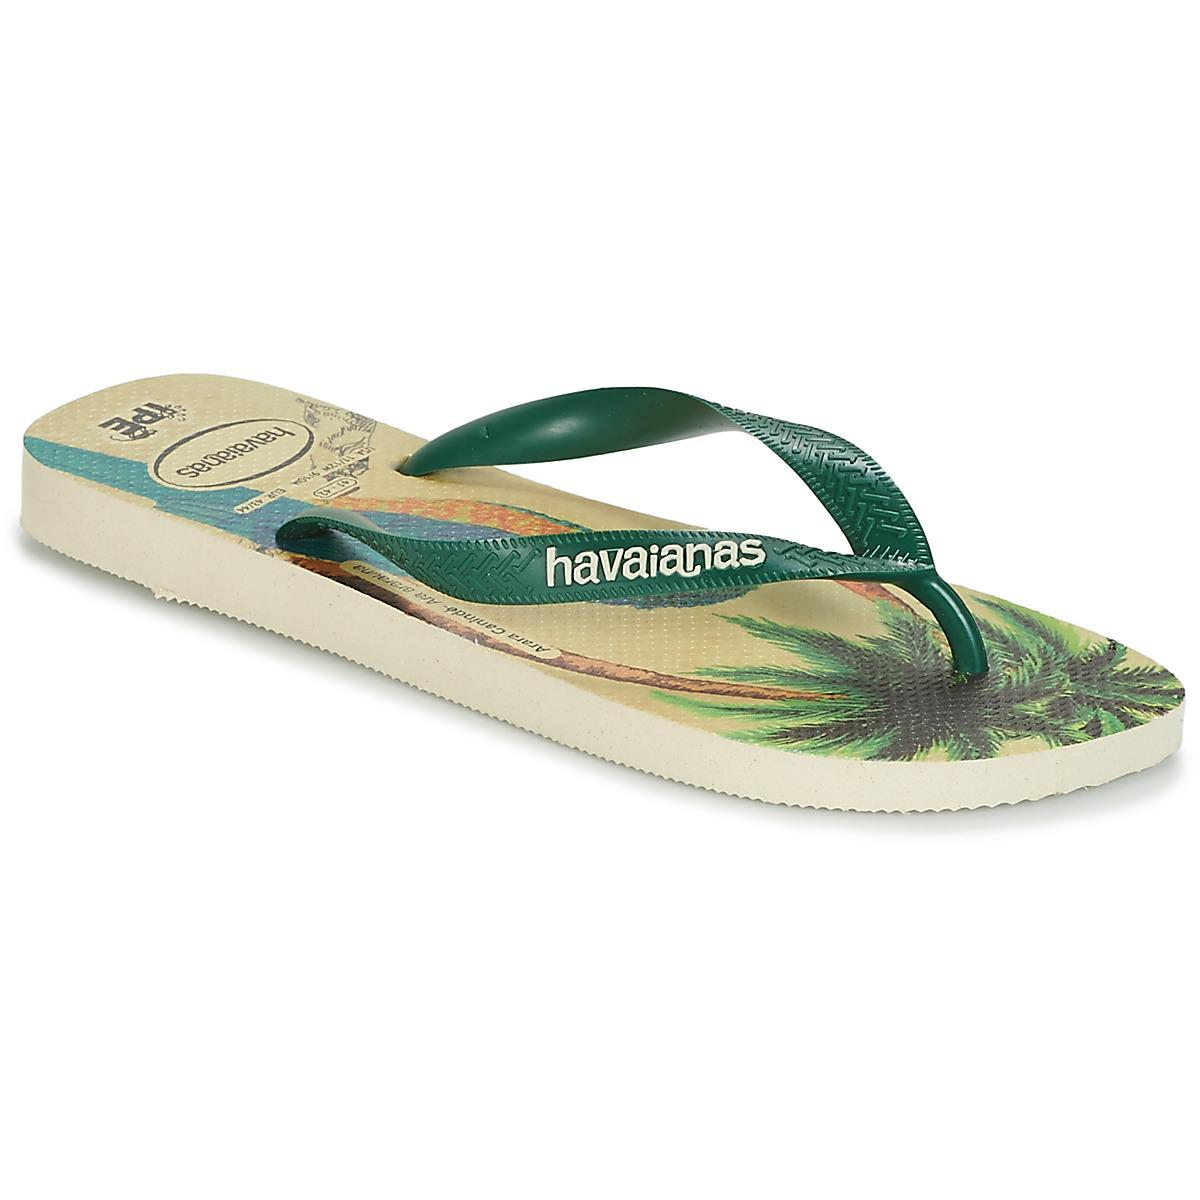 e5858d5d2070 Havaianas Ipe Men s Flip Flops   Sandals (shoes) In Green in Green ...